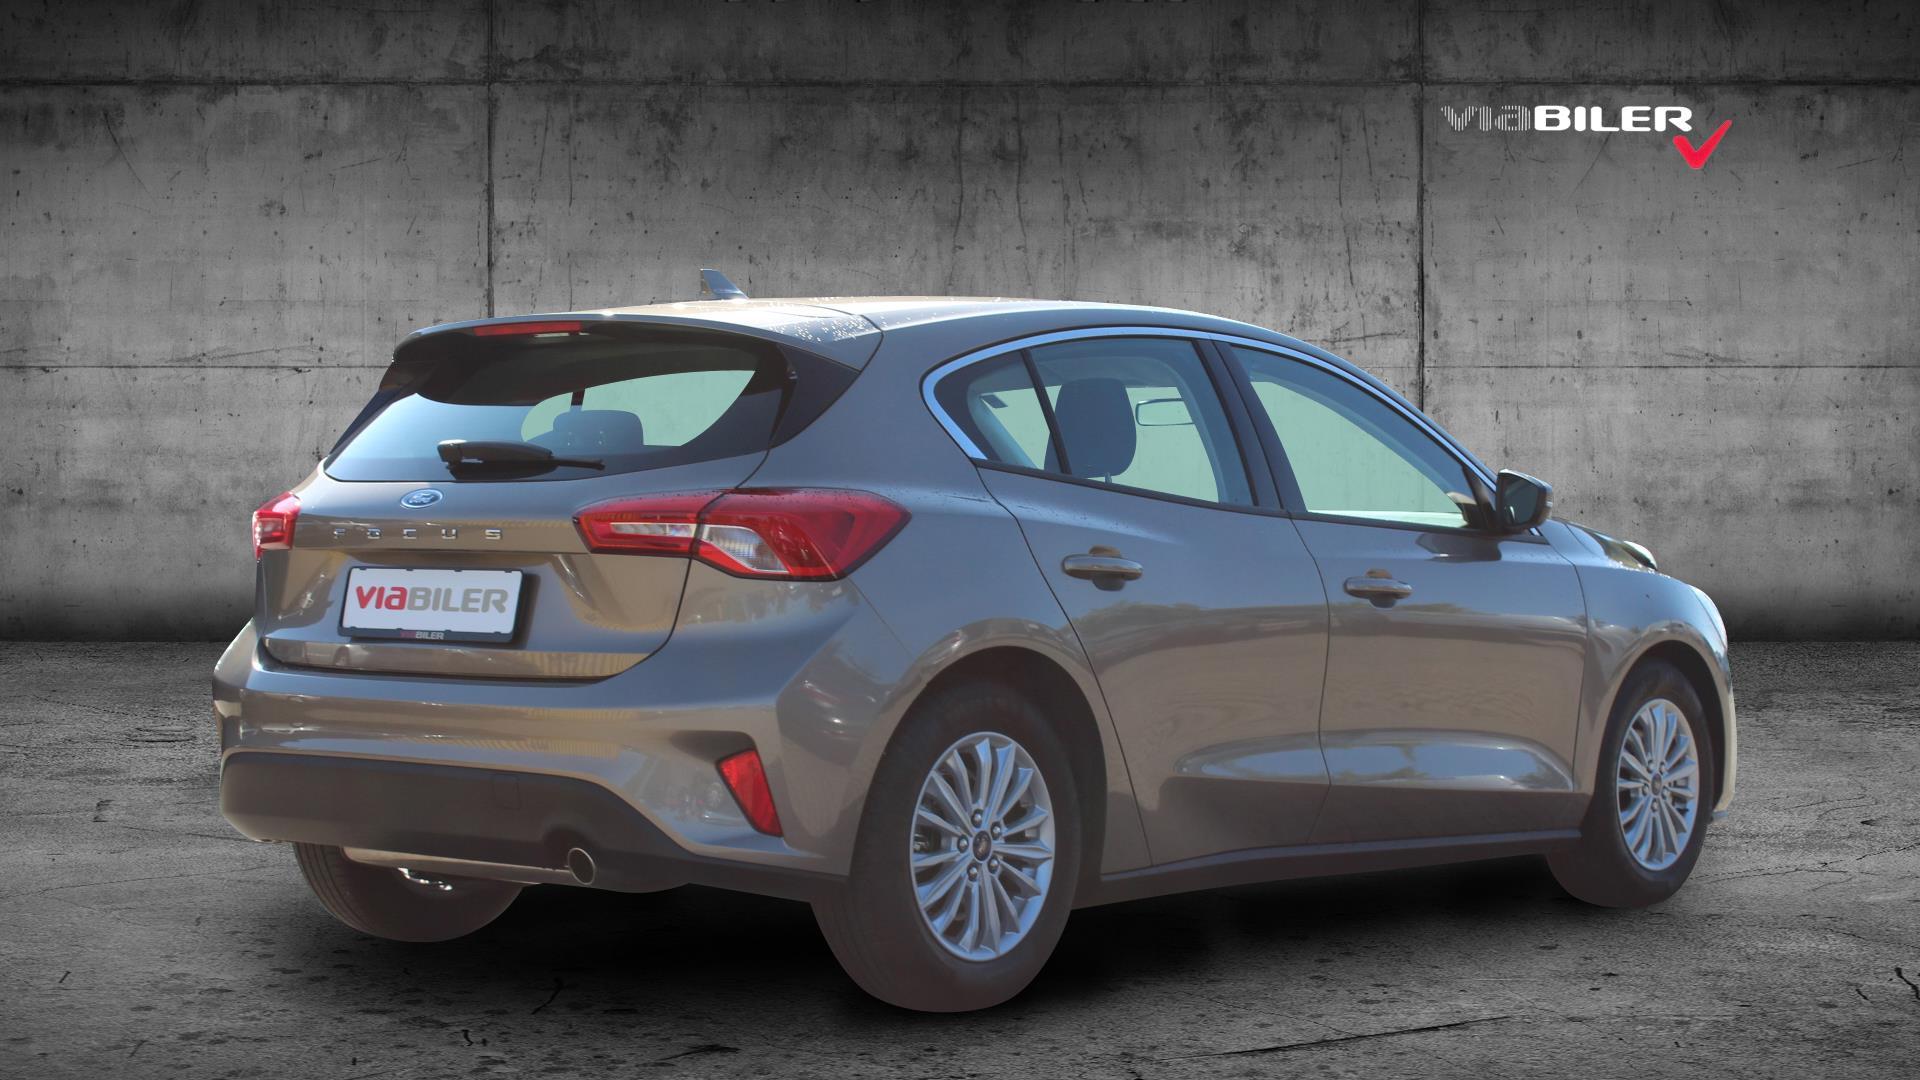 Billede af Ford Focus 1,0 EcoBoost Titanium 125HK 5d 6g